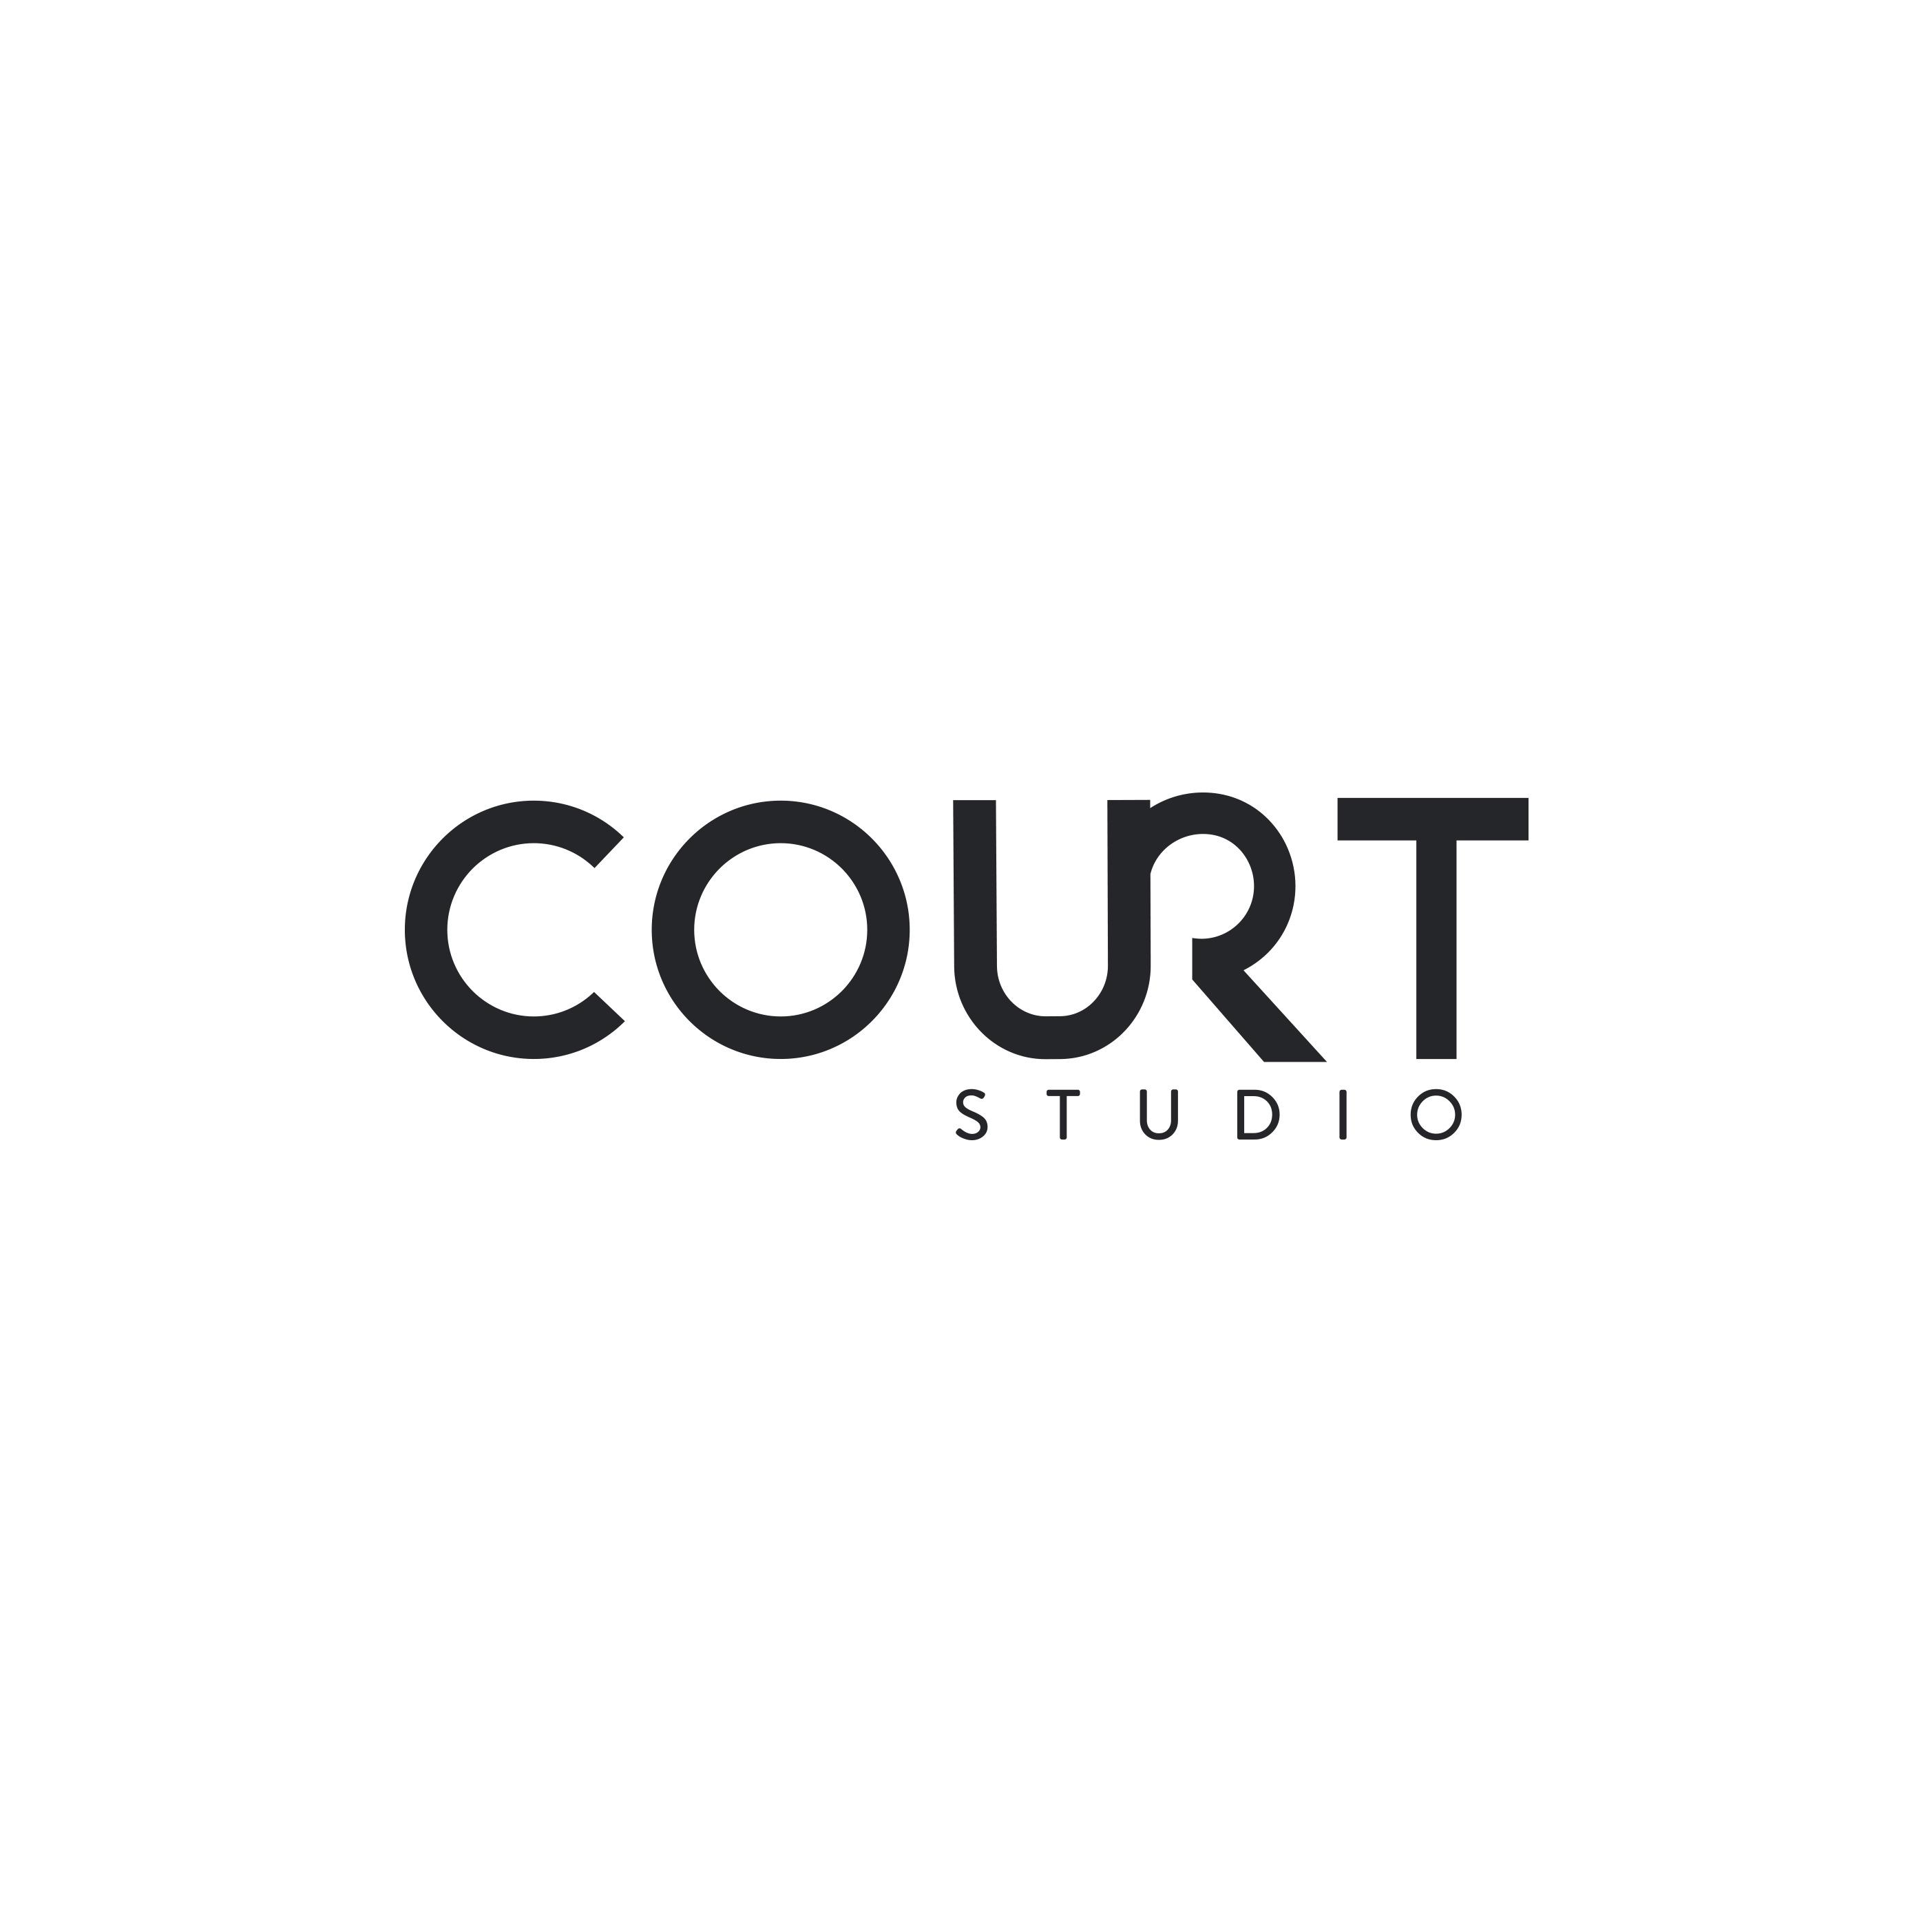 Court Studio